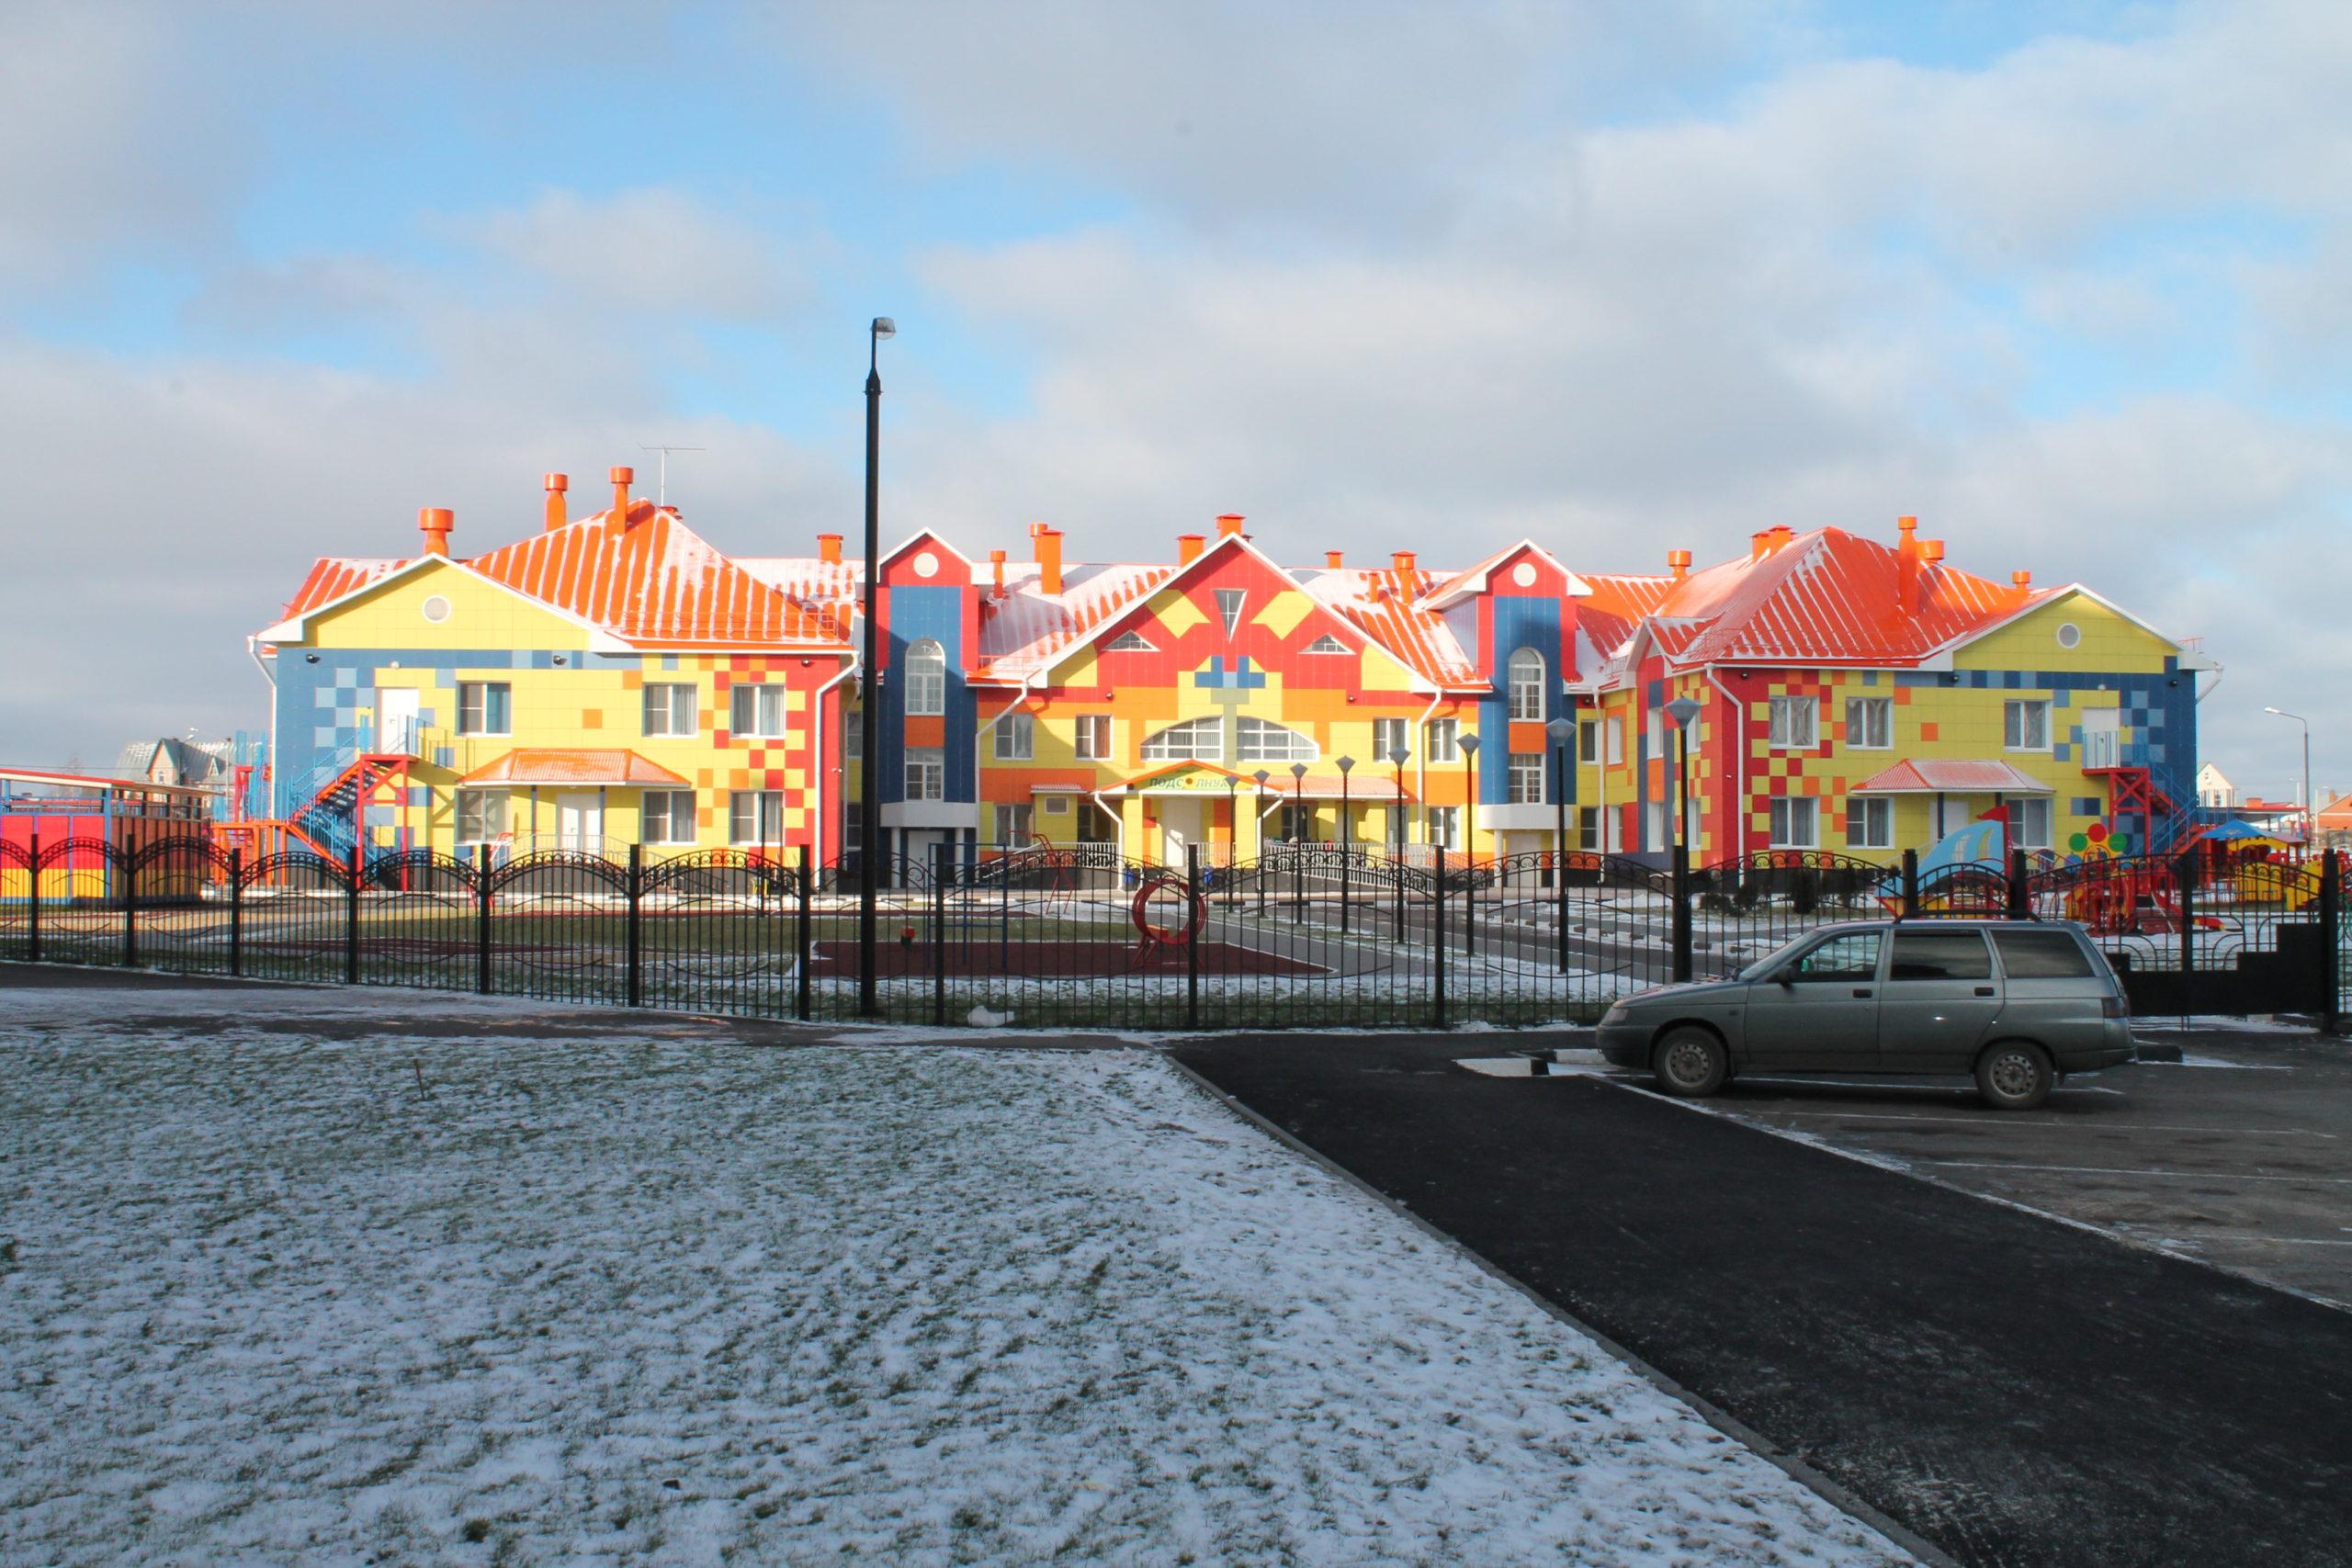 Детский сад ПОДСОЛНУХКровля, межэтажные перекрытия, фасады